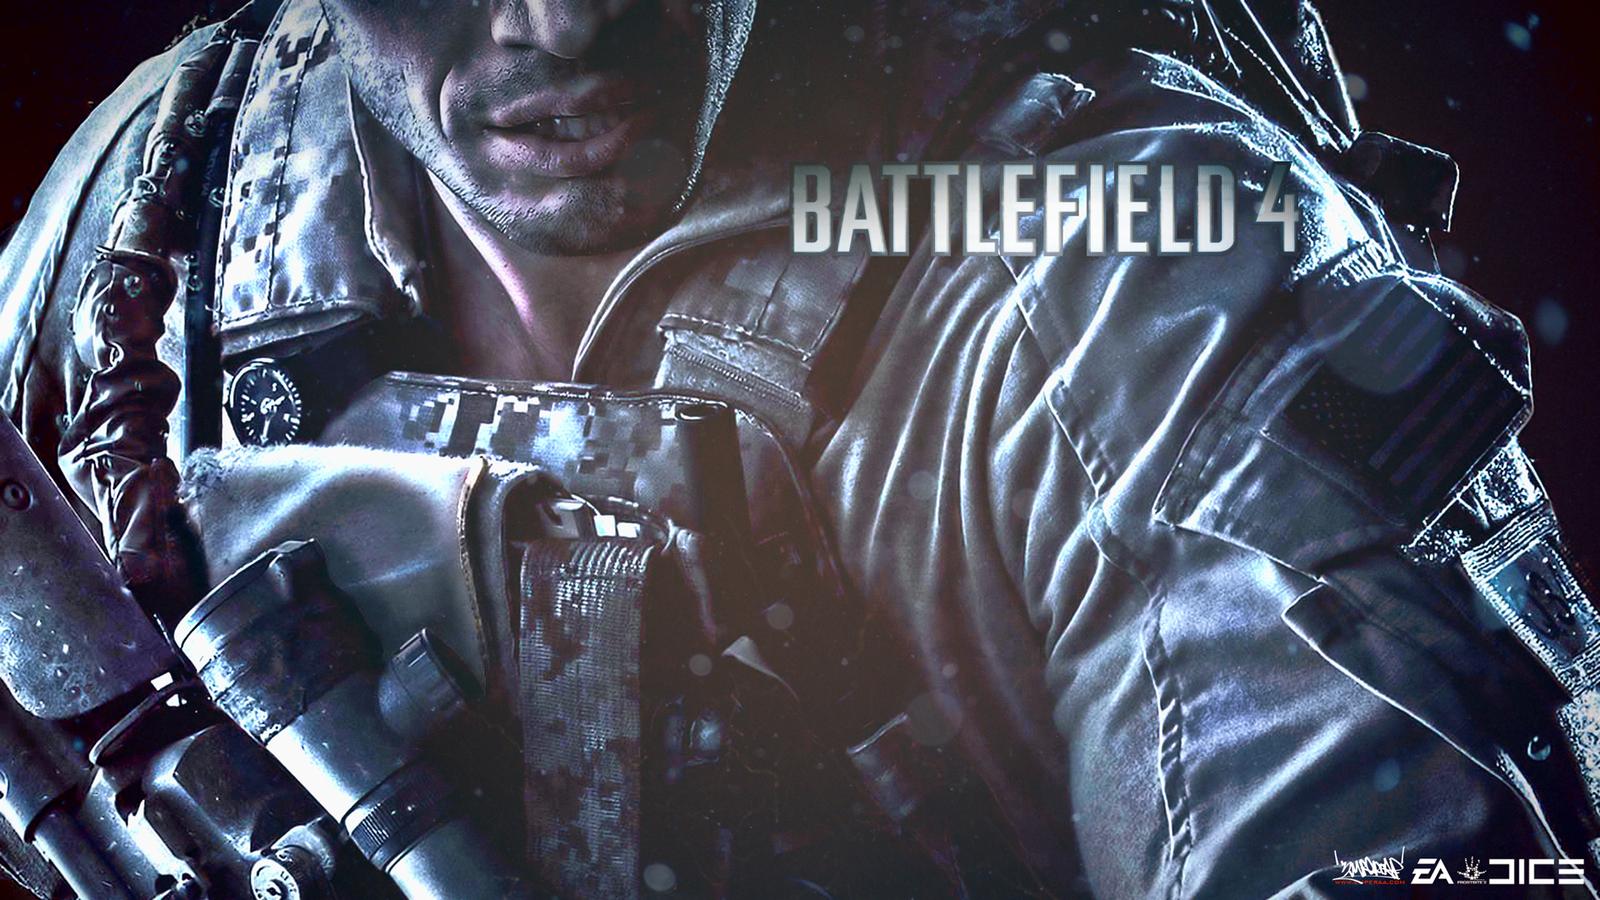 <b>Battlefield 4</b>